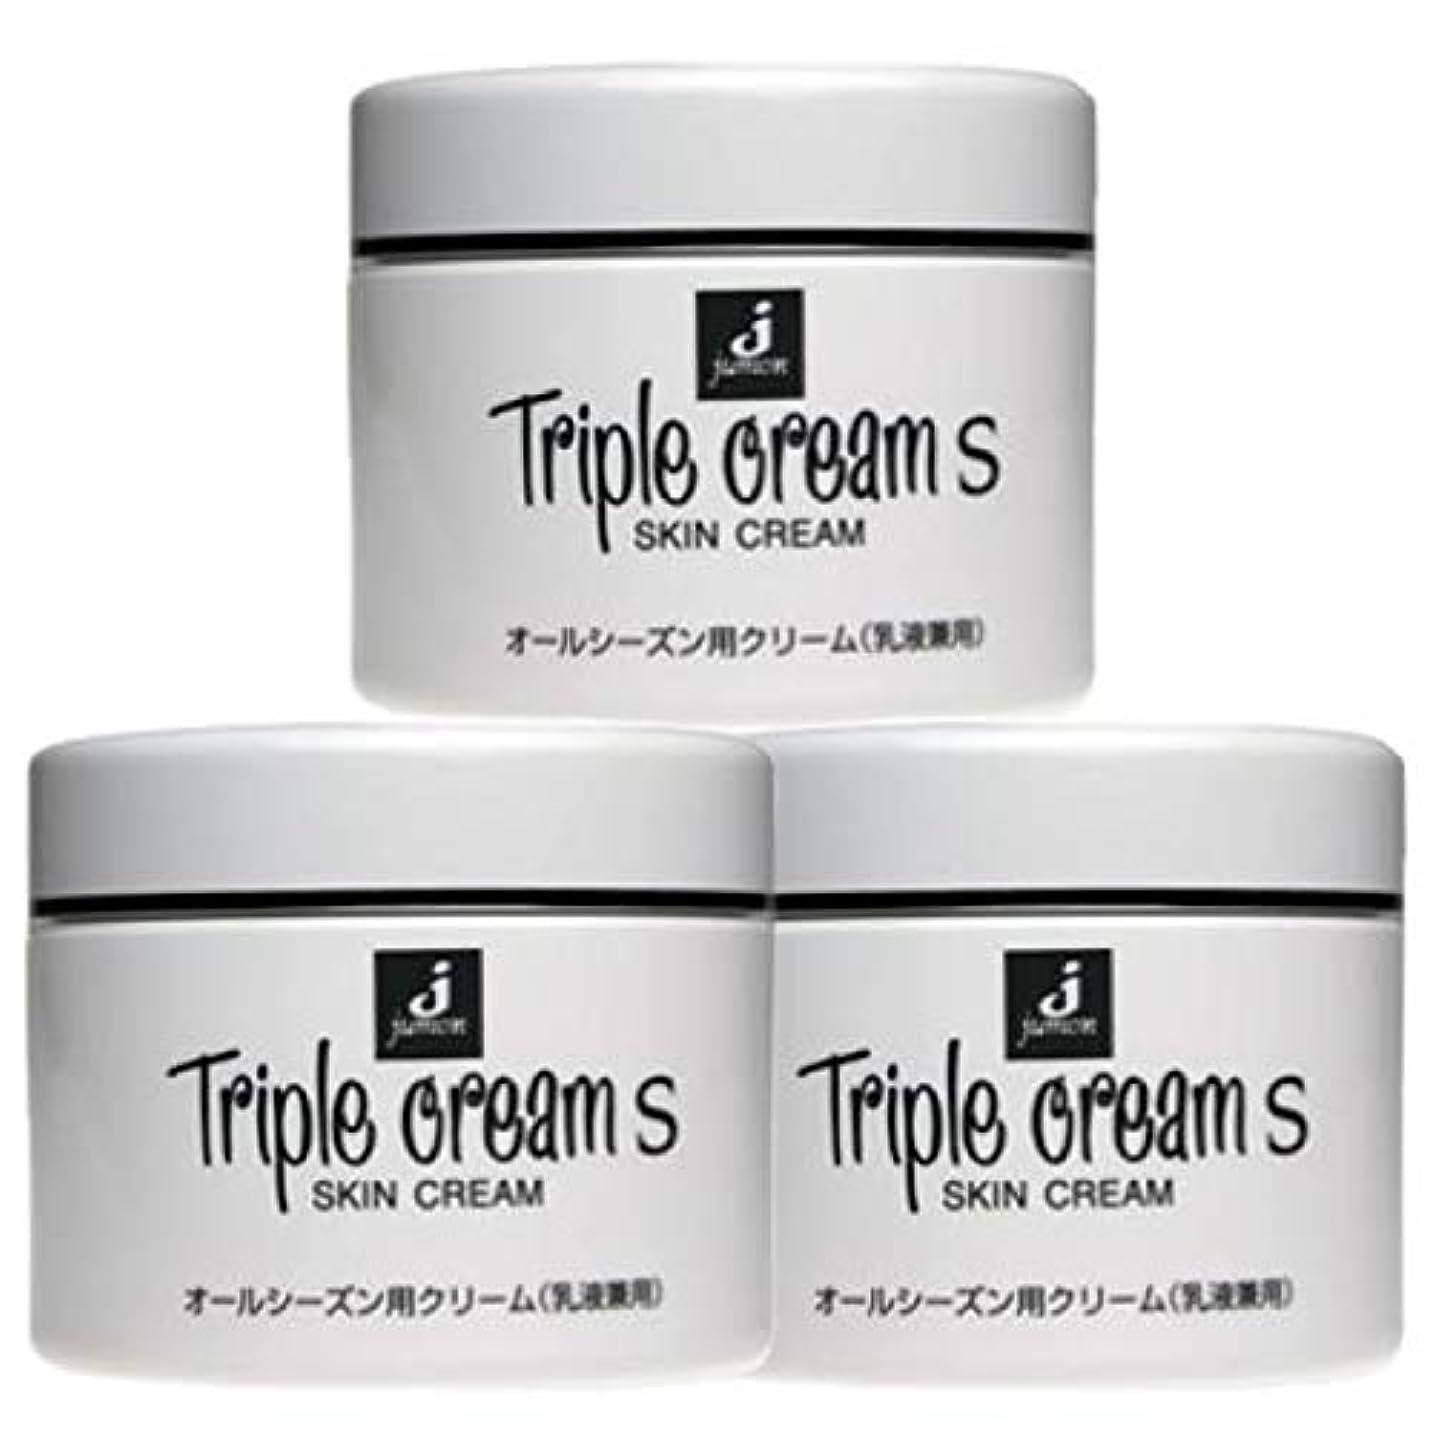 スタイル露出度の高い忠実なジュモン化粧品 トリプルクリームS 215g(3個セット)